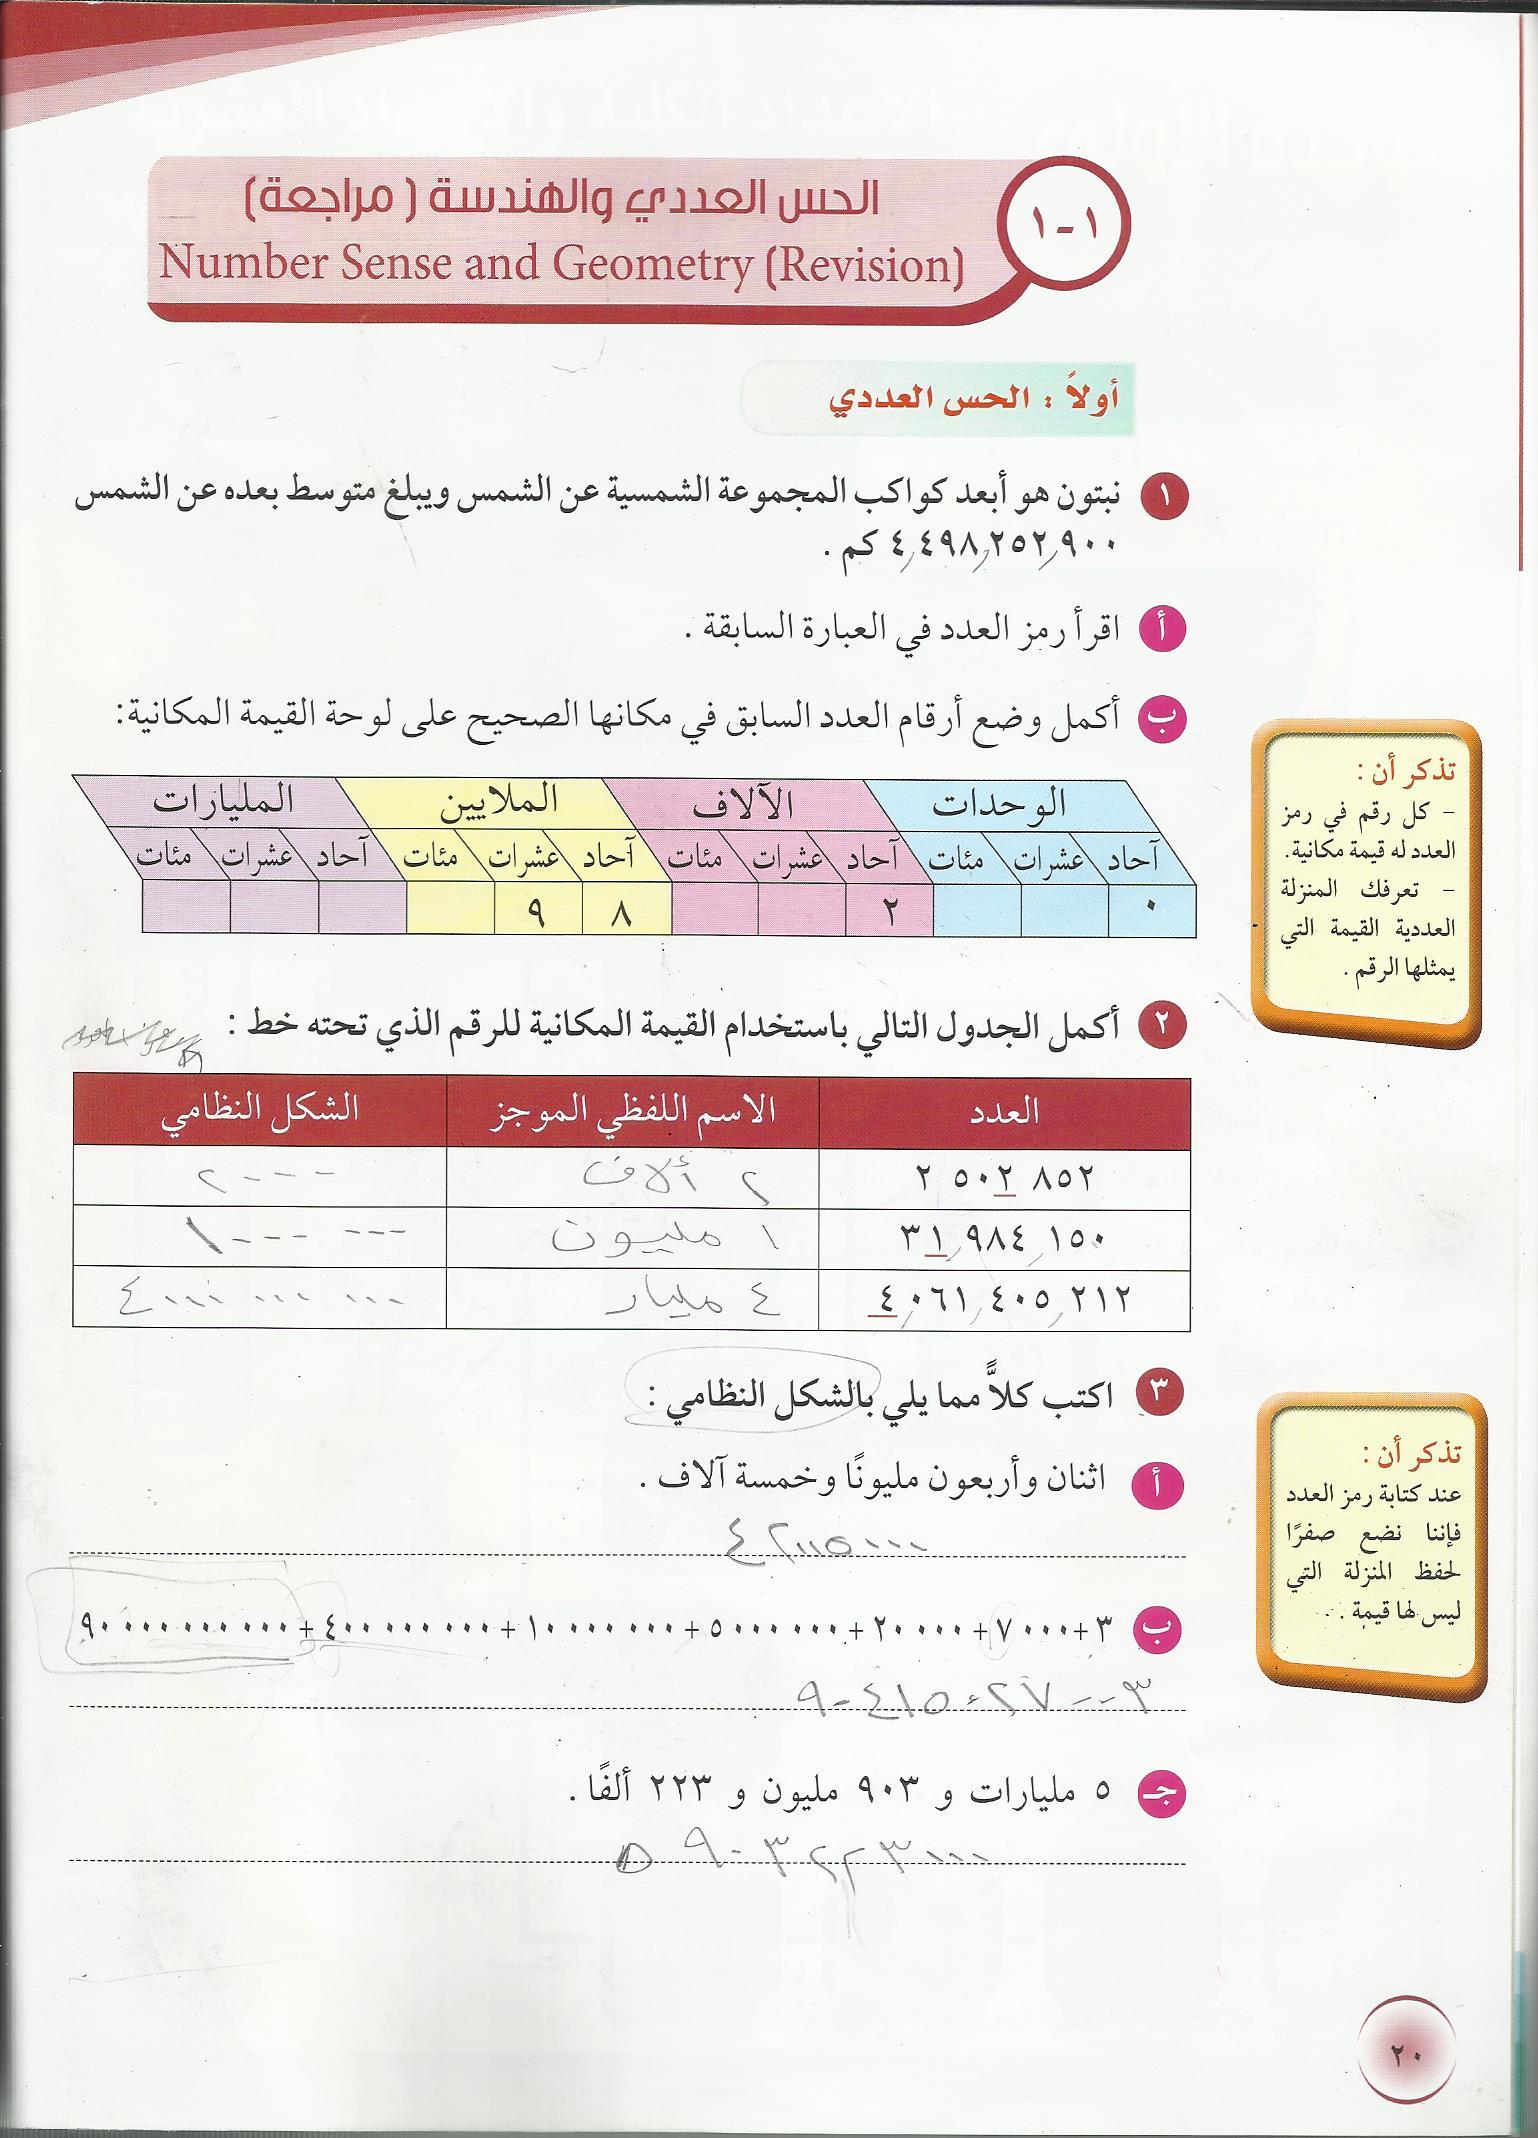 كتاب الرياضيات للصف السابع اليمن pdf